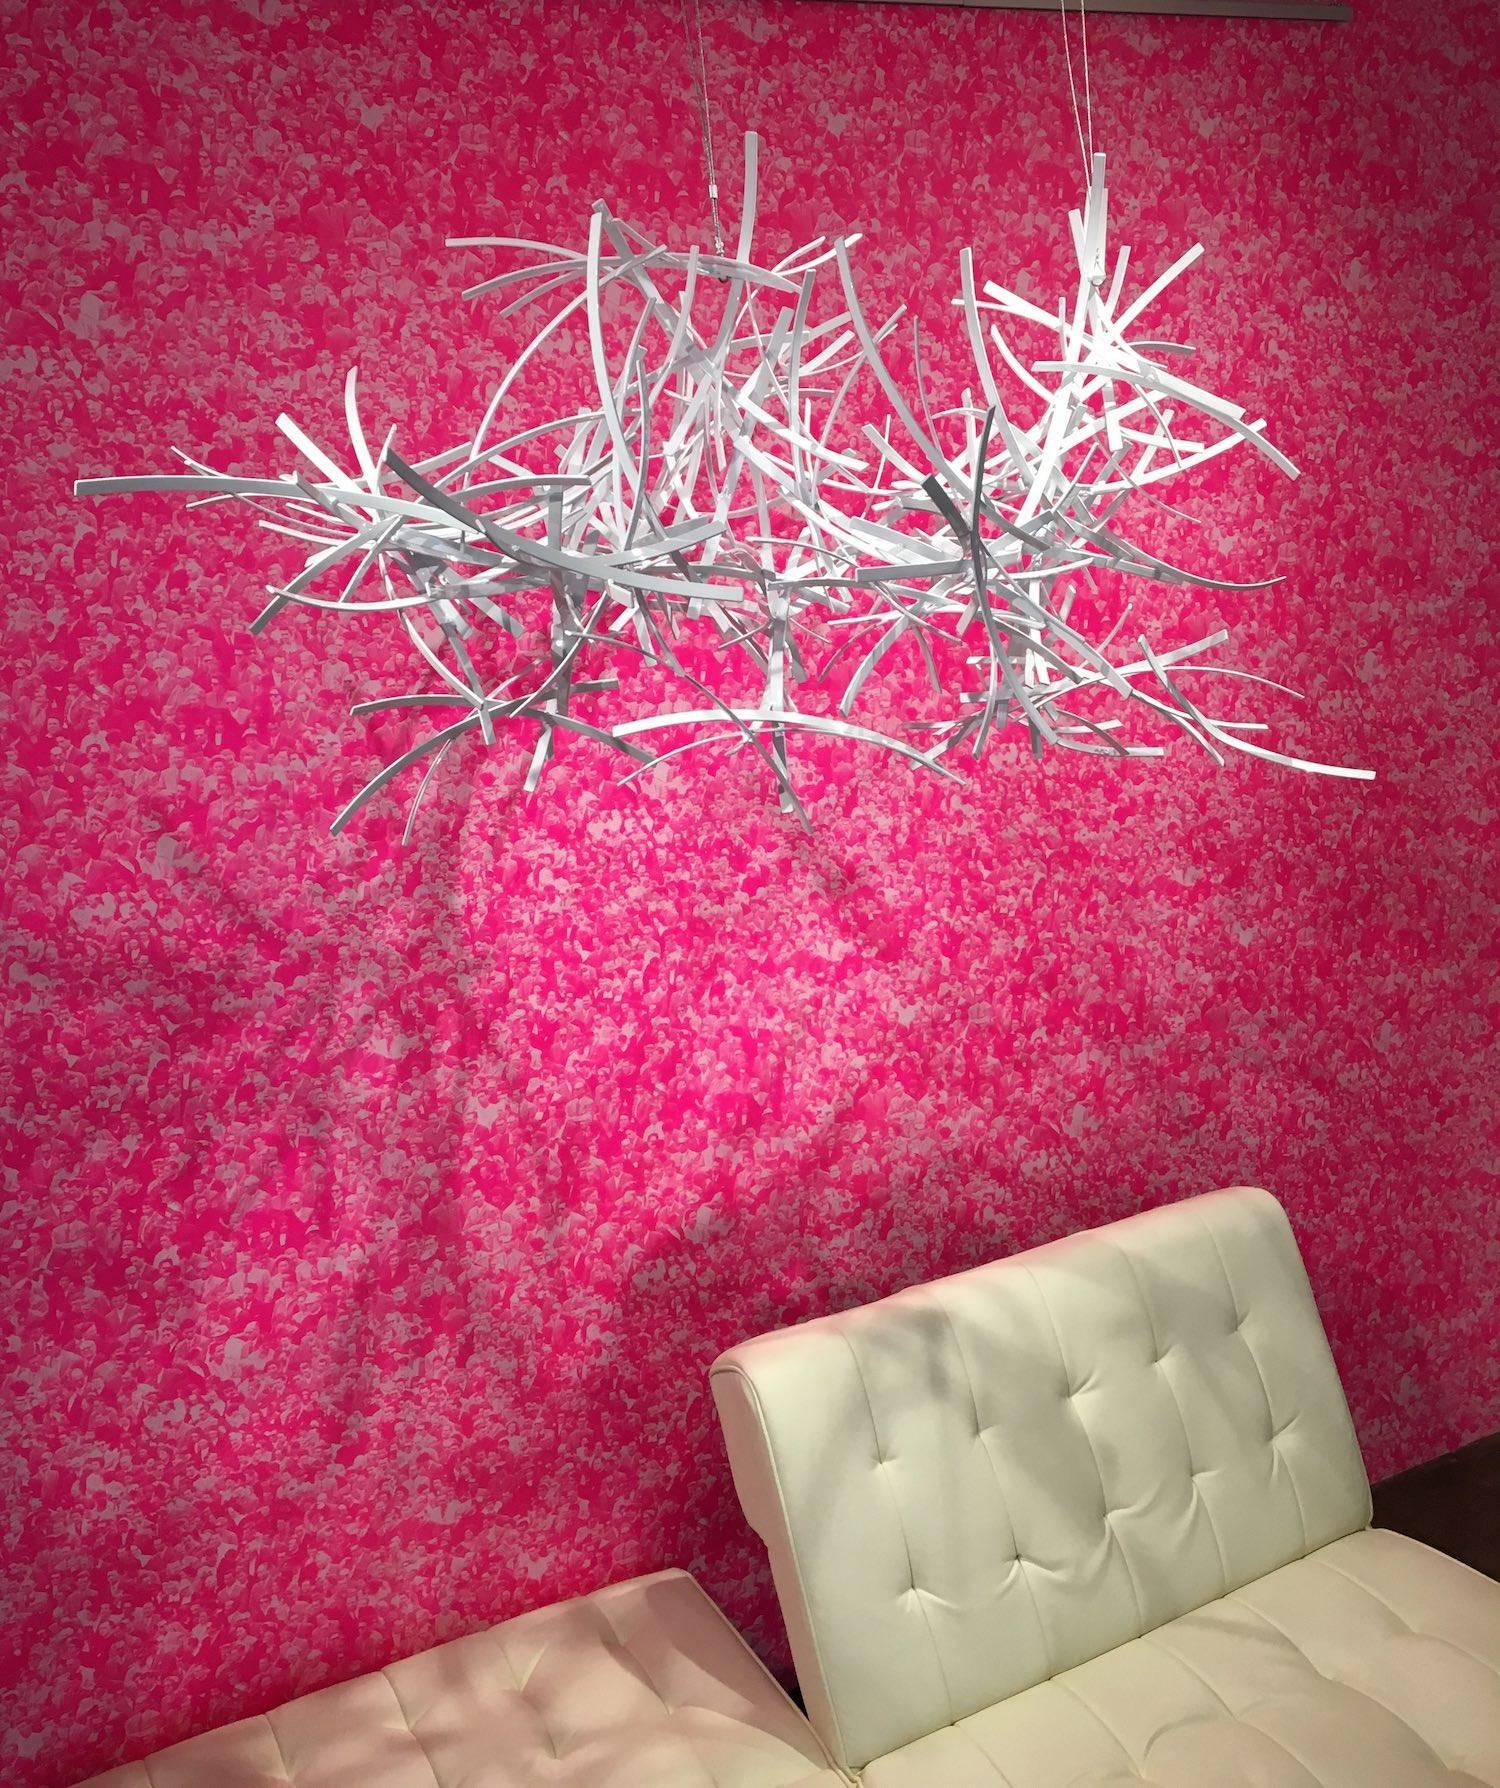 Untitled Suspended, Matt Devine, White Hanging Sculpture, Aluminum Installation